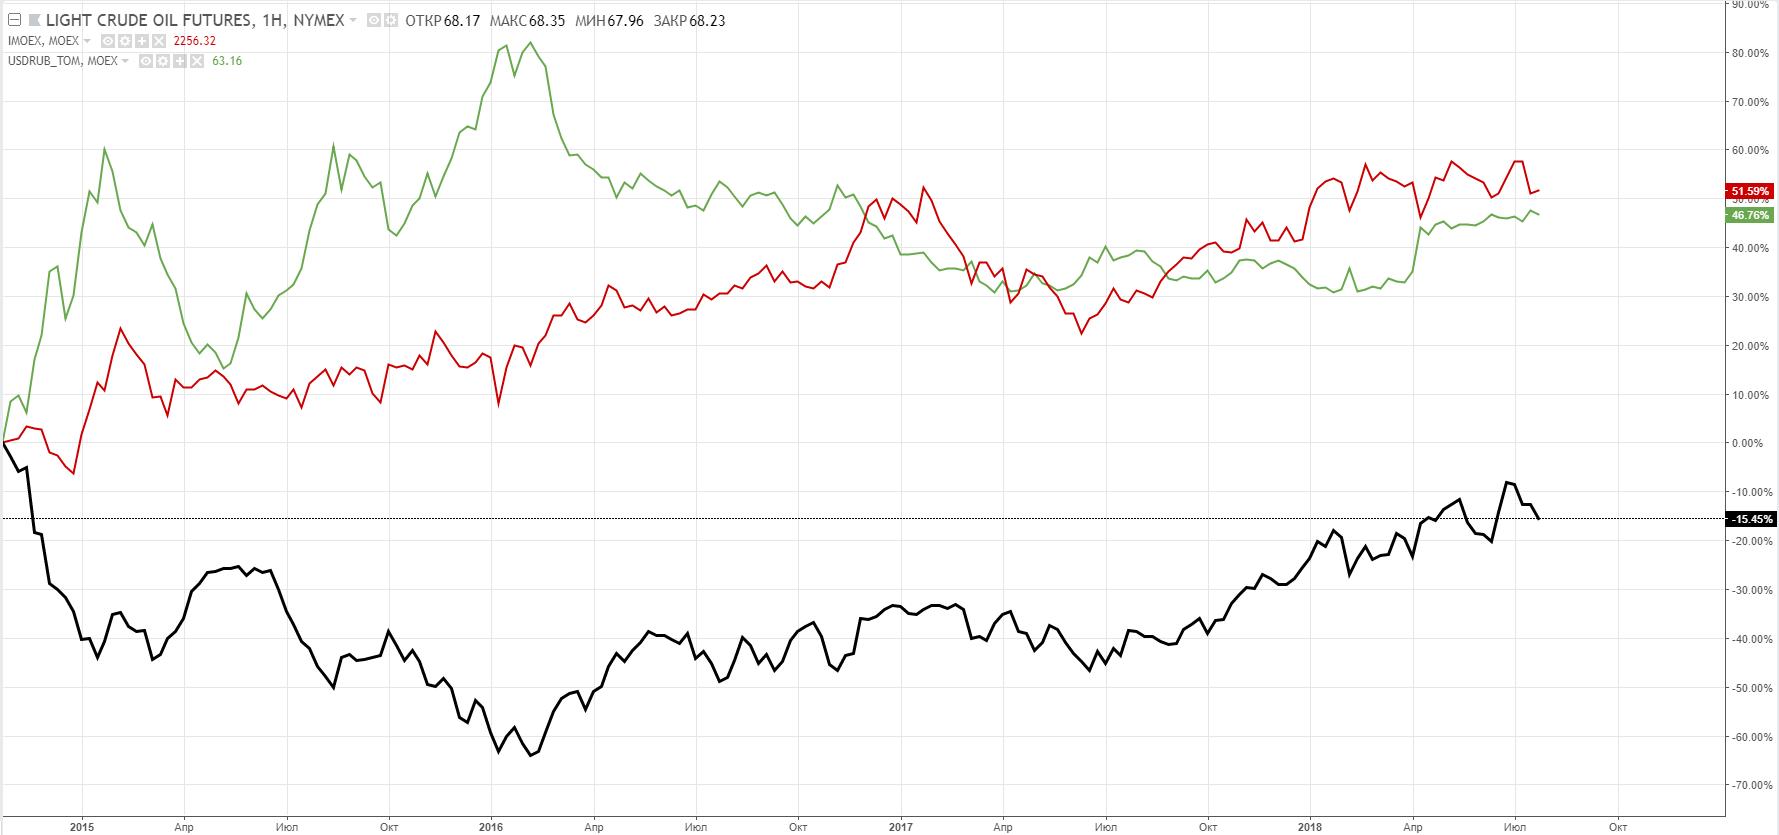 Фьючерс на нефть - CL1! (черная линия), индекс Мосбиржи (красная линия) и пара USDRUB_TOM (зеленая линия), сравнительный график.